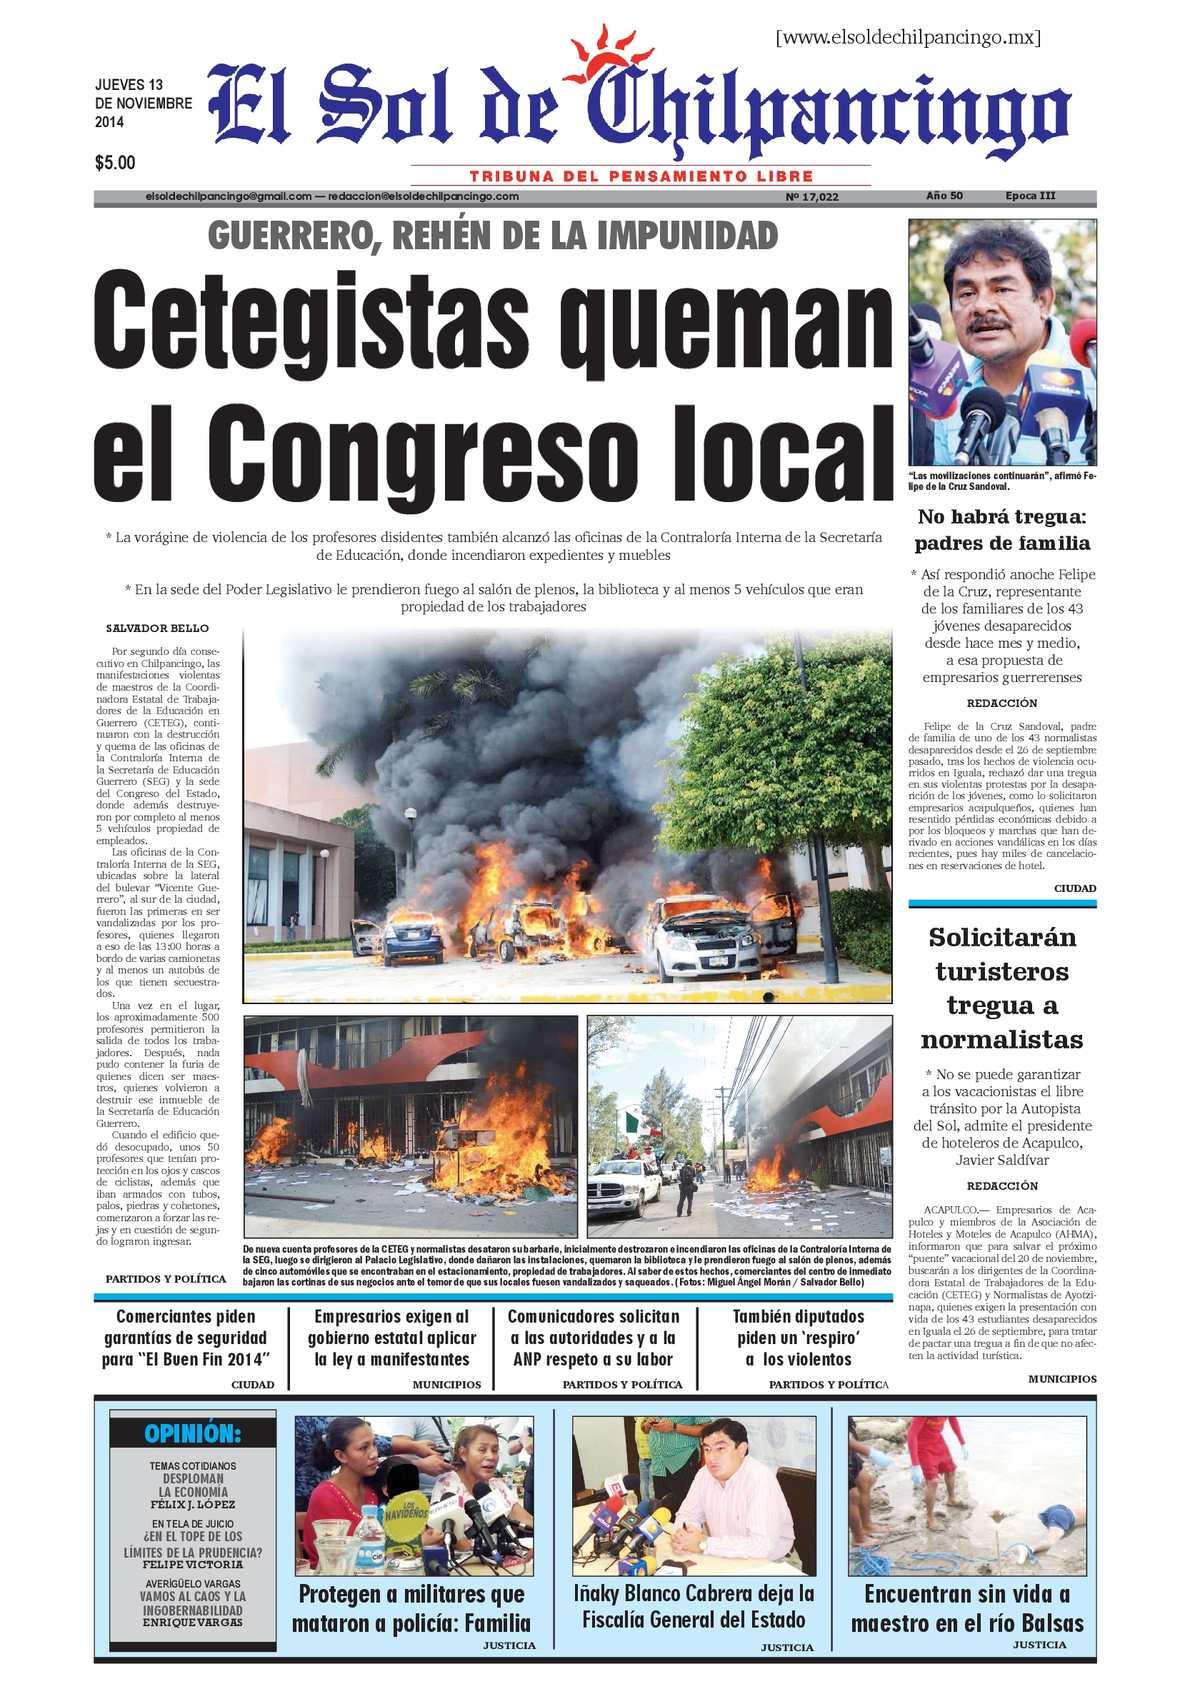 Calaméo - El Sol de Chilpancingo 13 Noviembre 2014